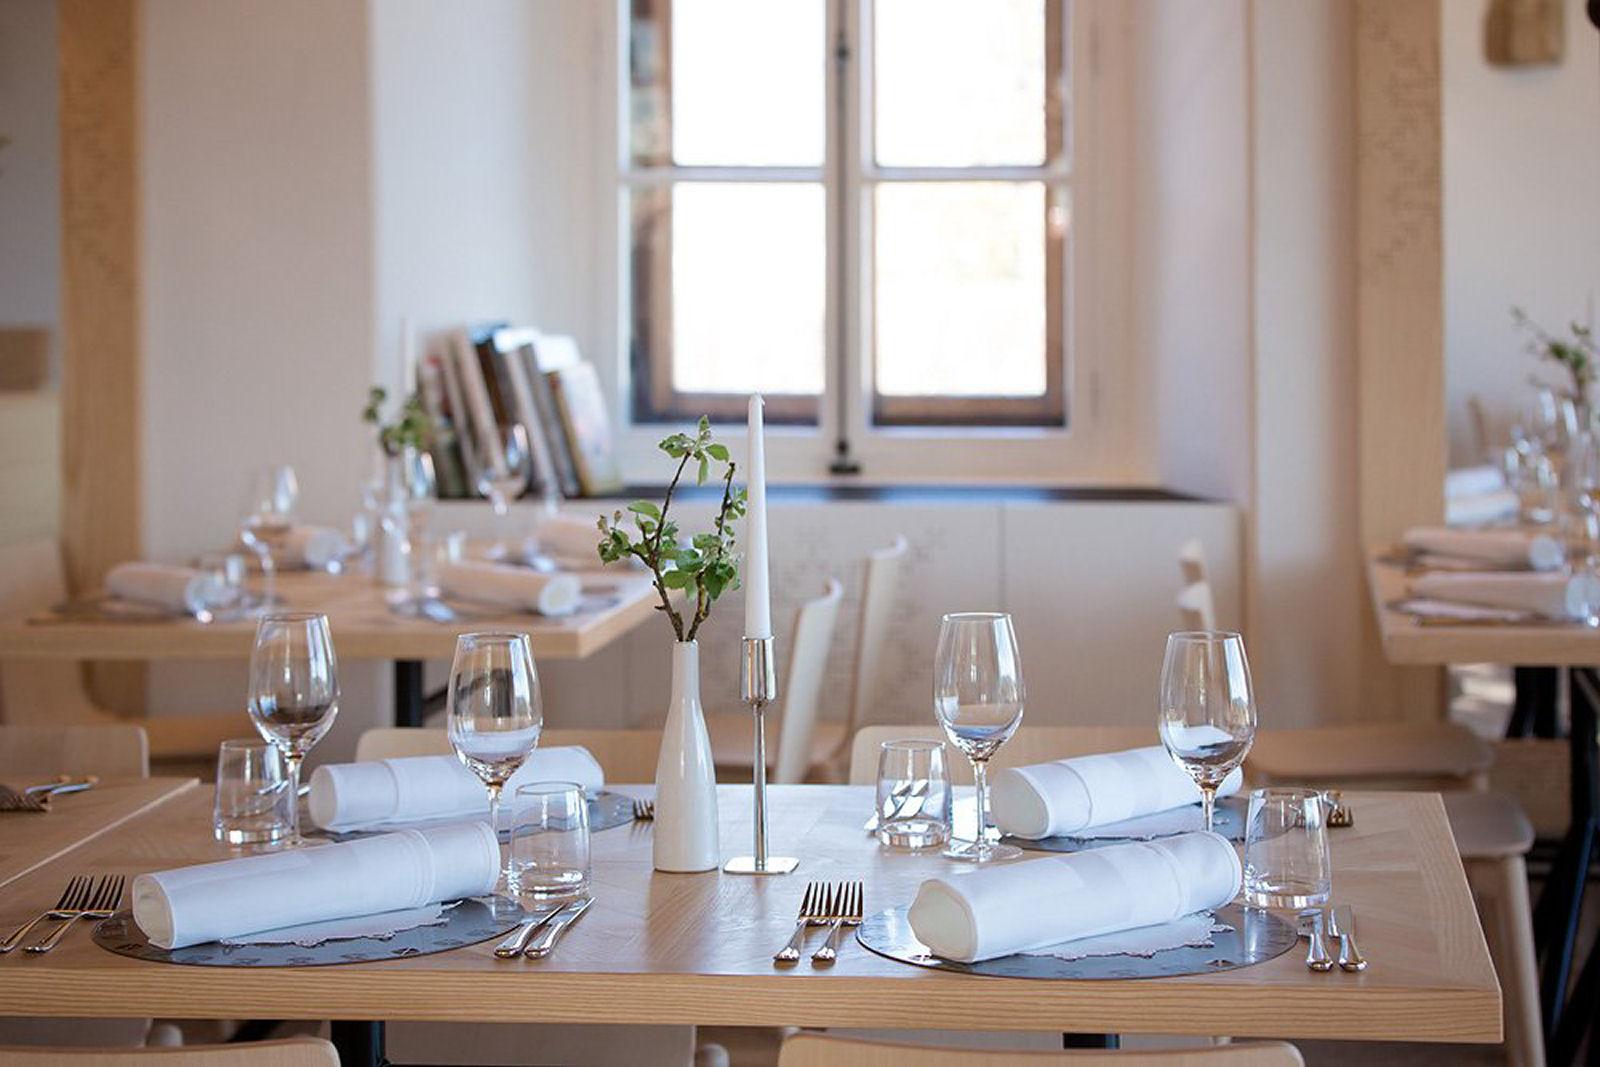 bled-castle-restaurant-03-slovenia